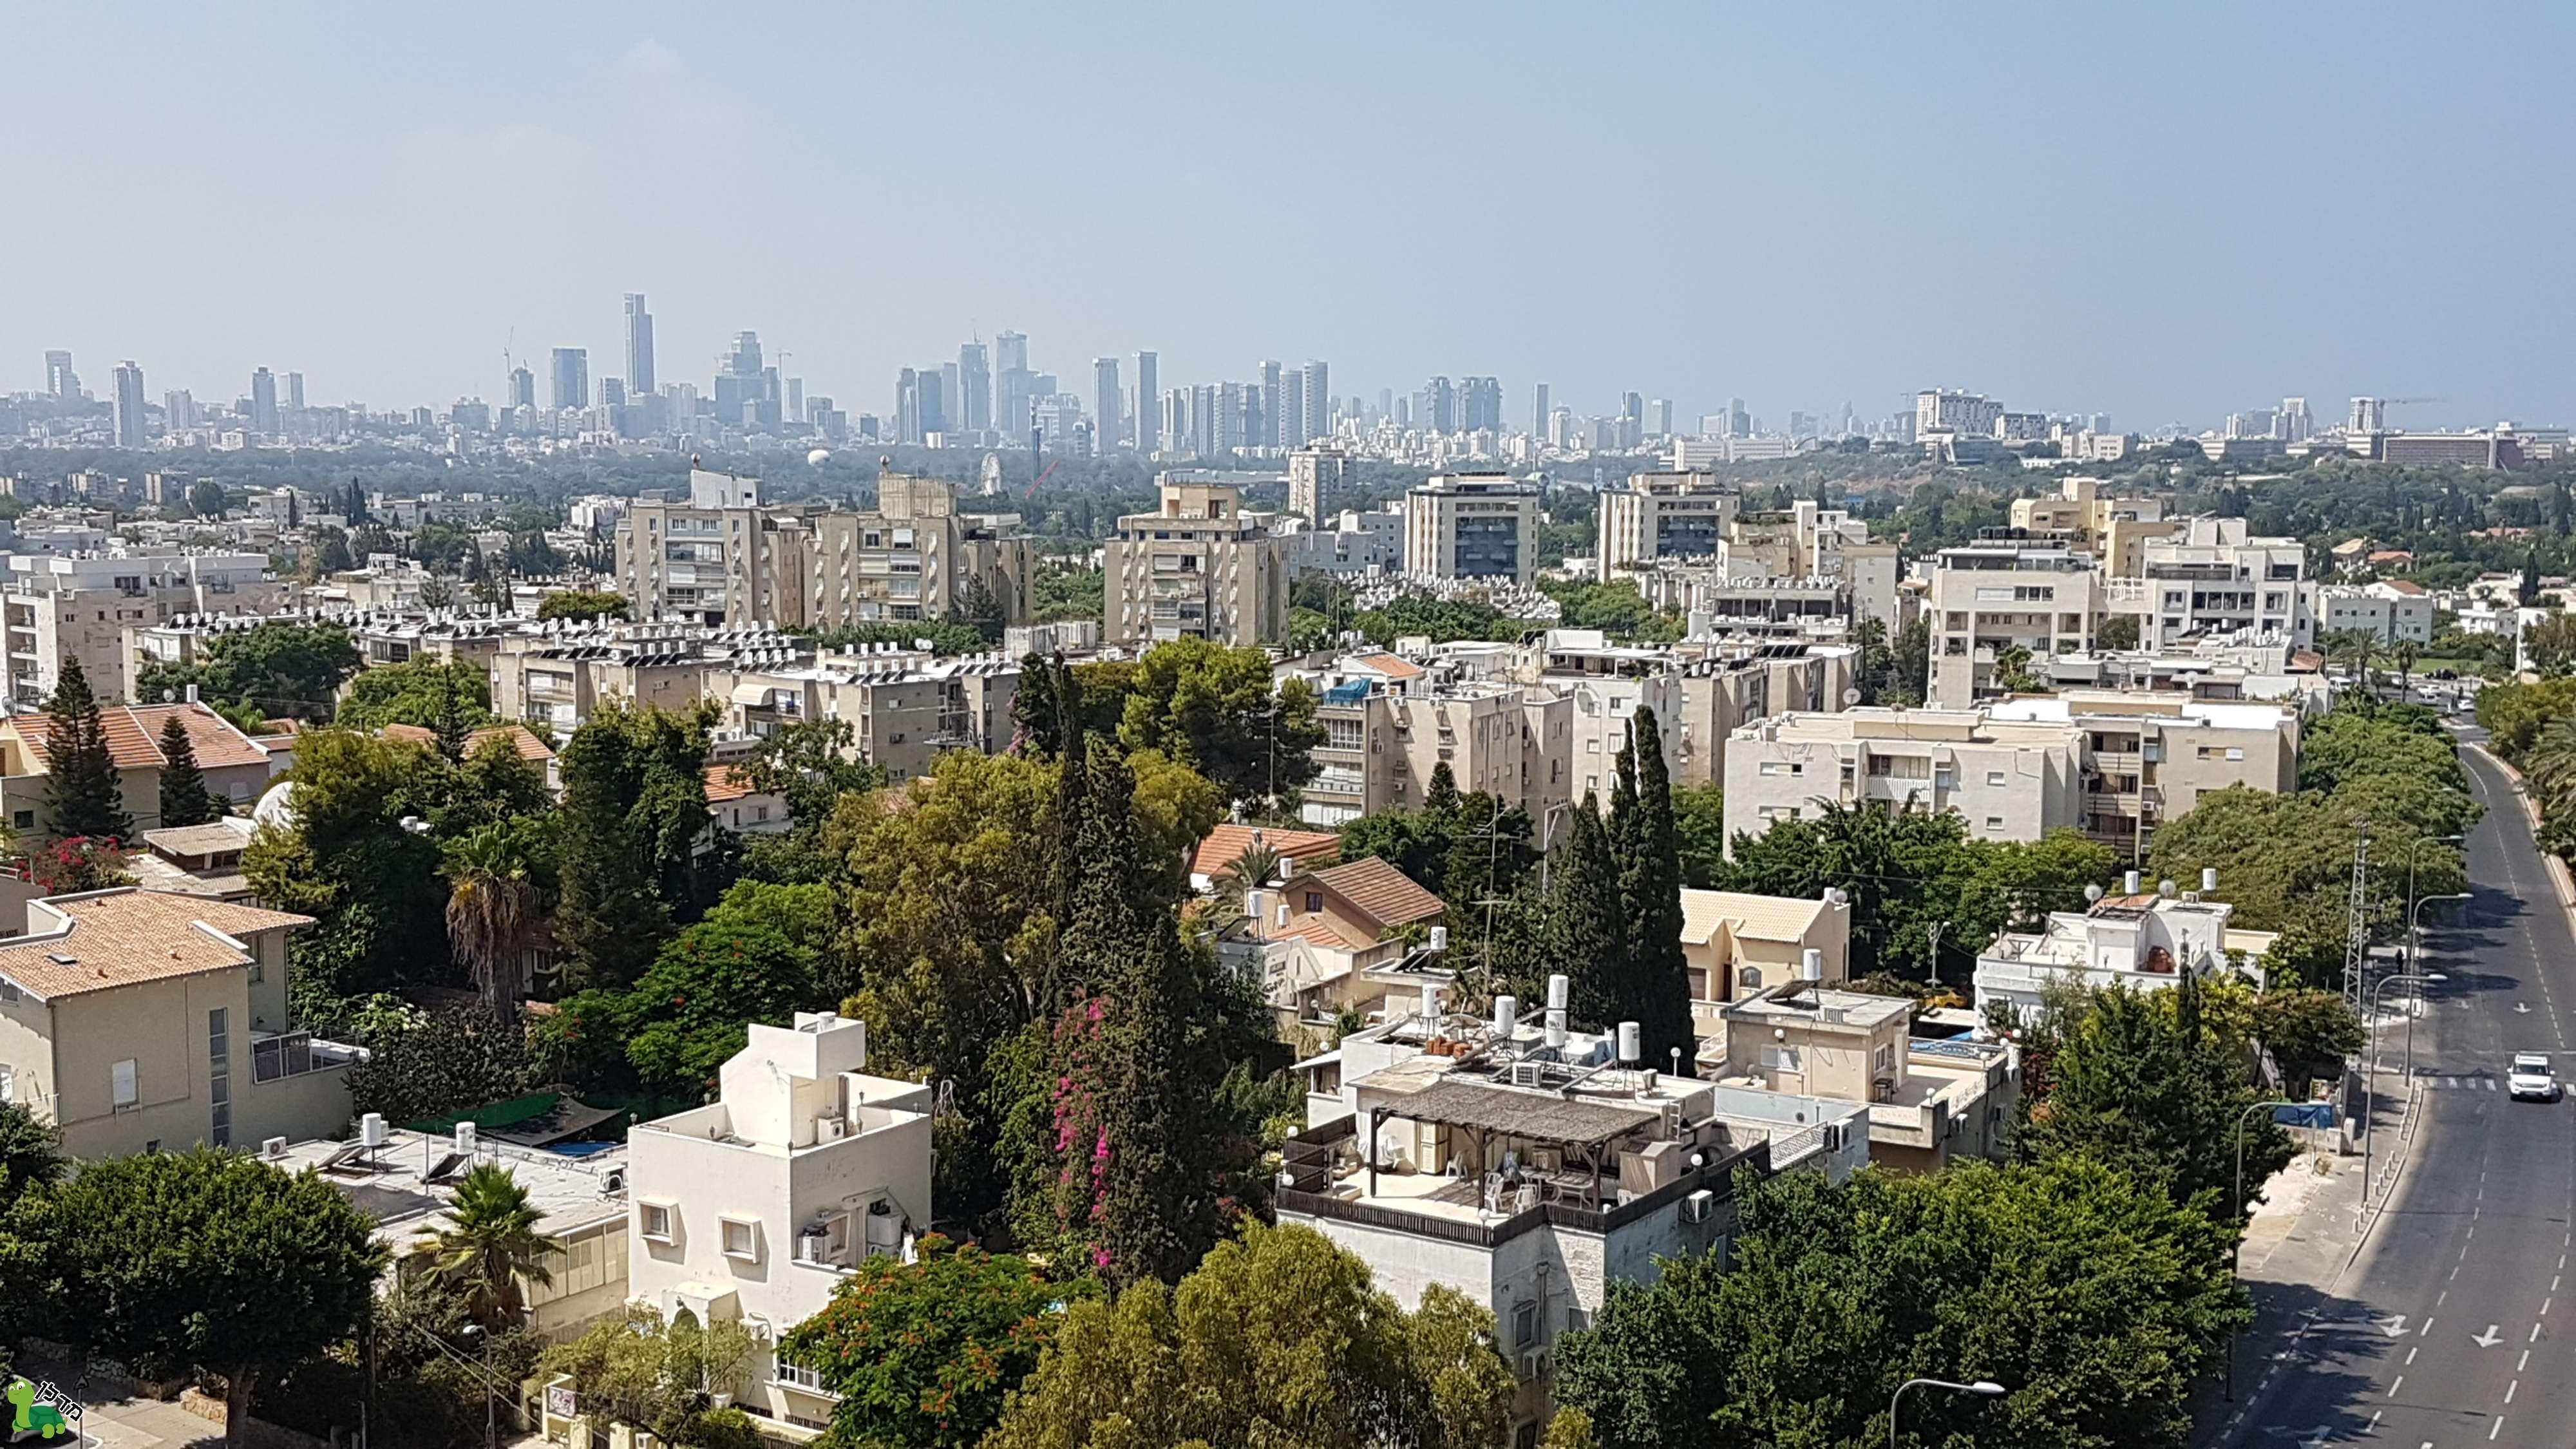 מגה וברק דירות להשכרה בתל אביב יפו - 783 דירות באזור KO-53